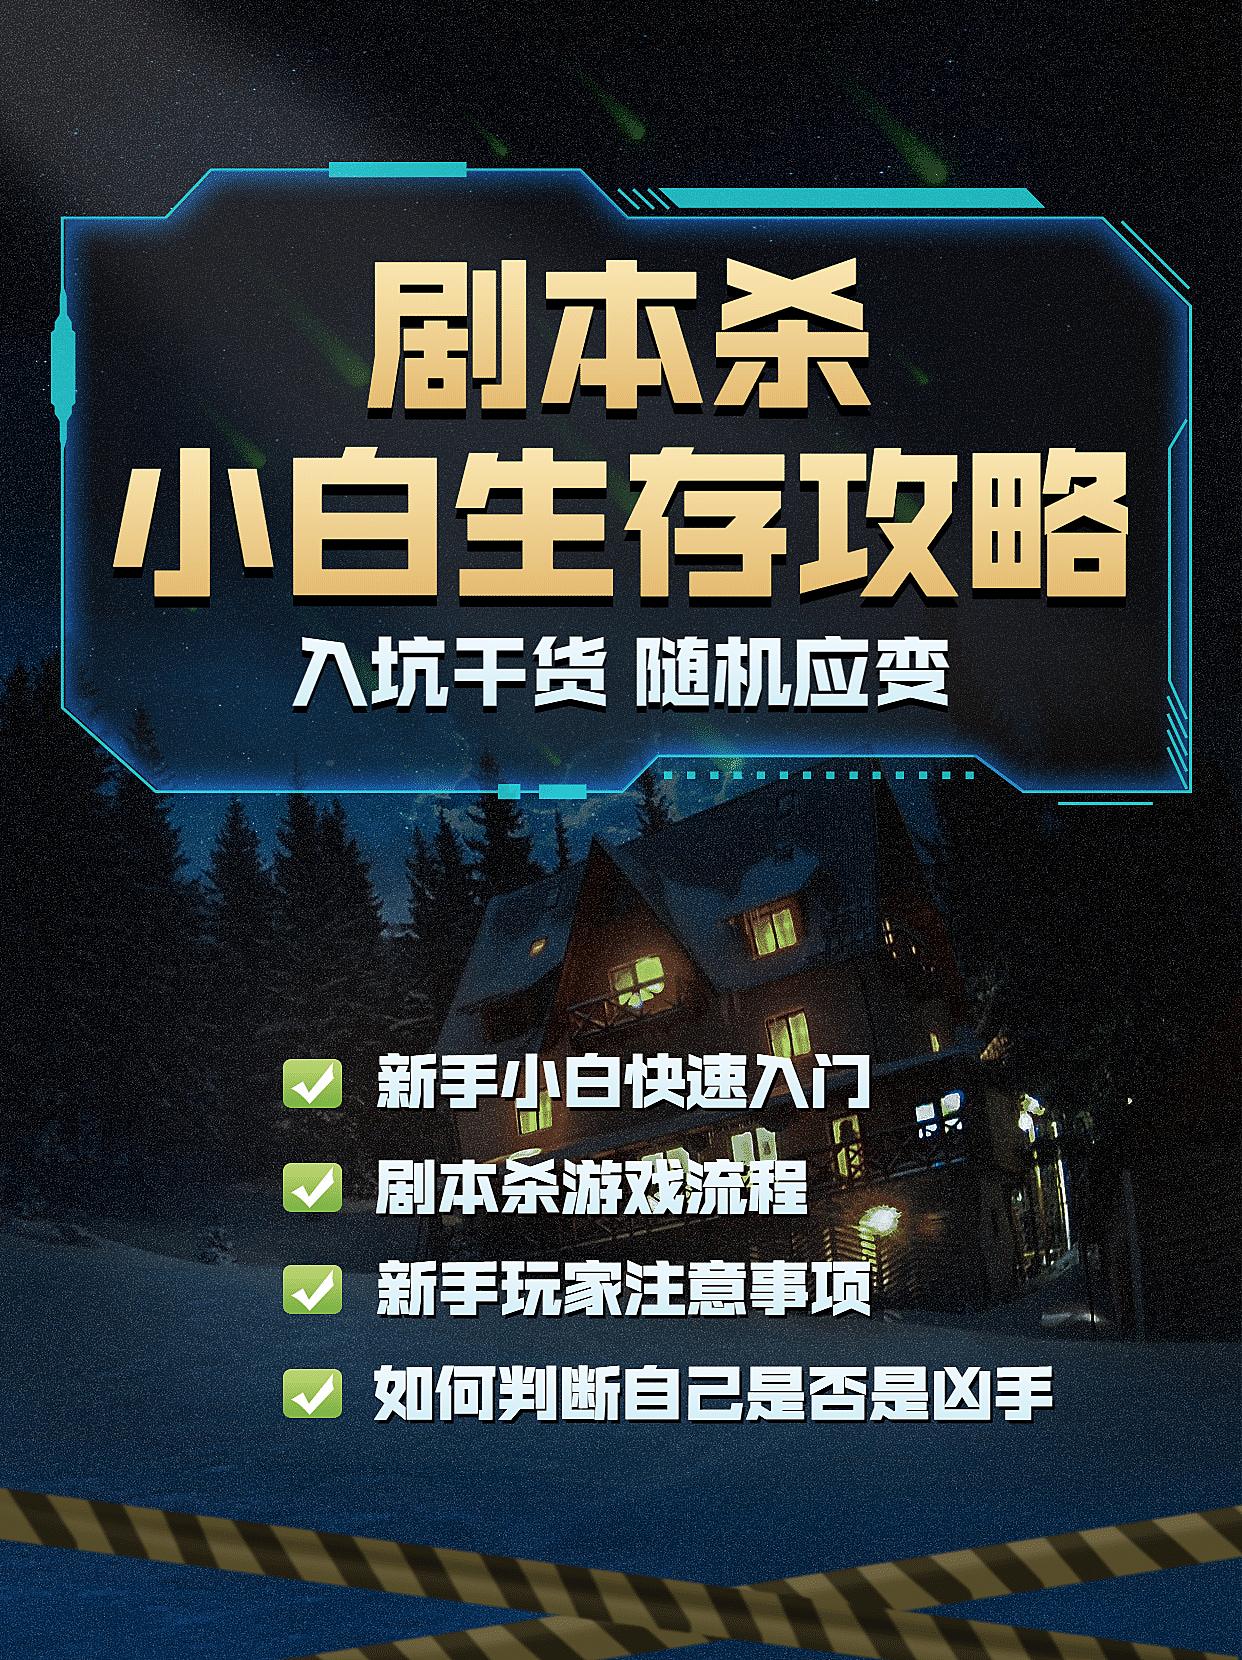 中元节剧本杀攻略科技风小红书配图